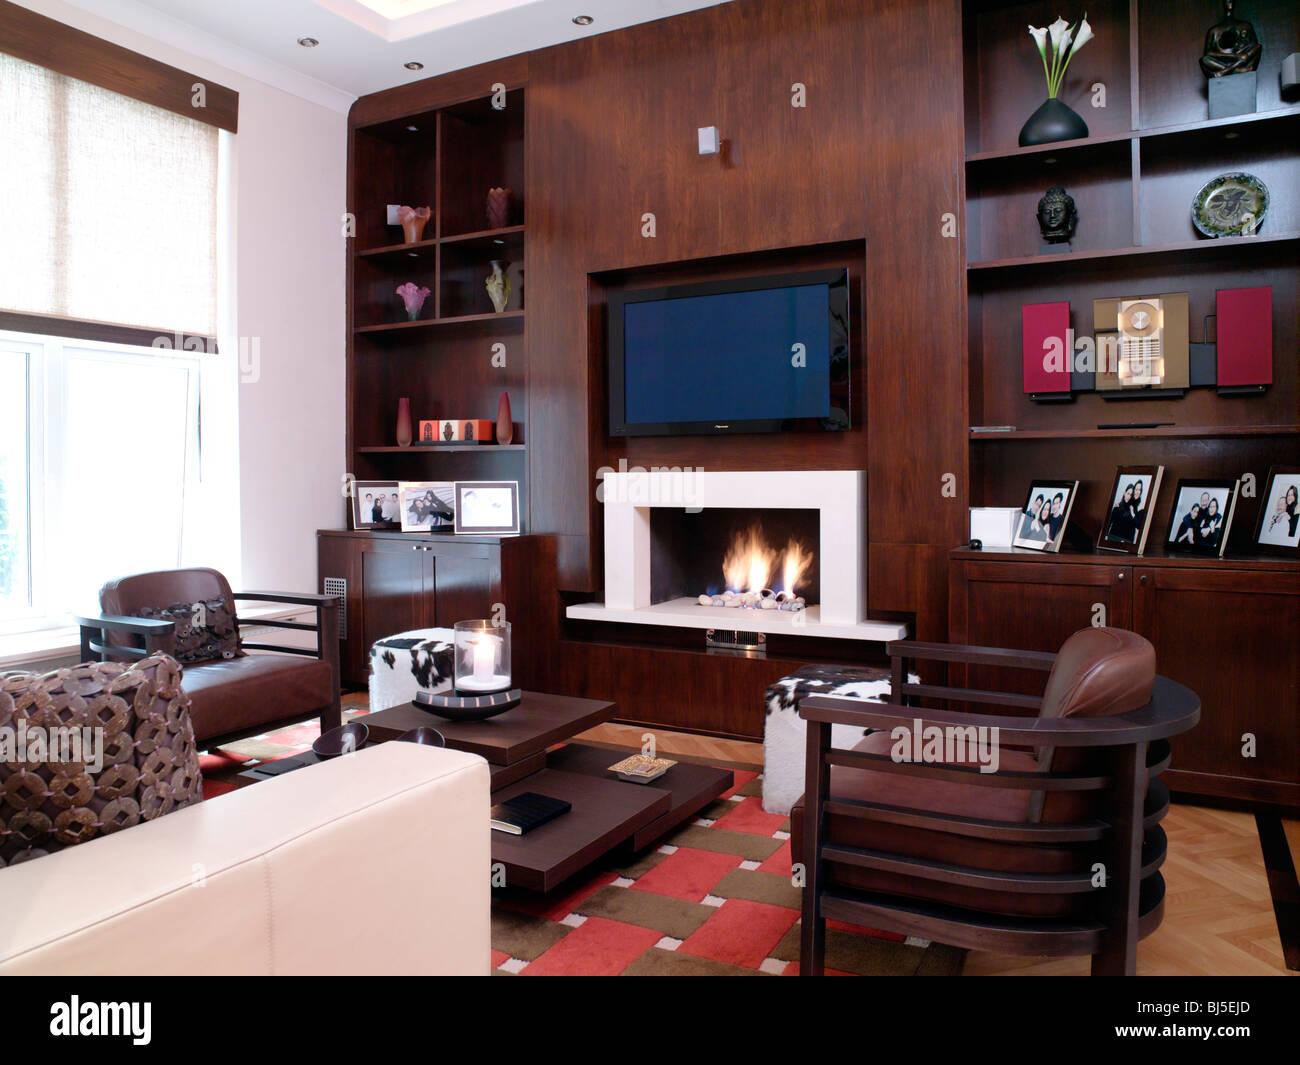 Sitzen Wohnzimmer Holzverkleidung Regale Hi Fi System Flachbild TV